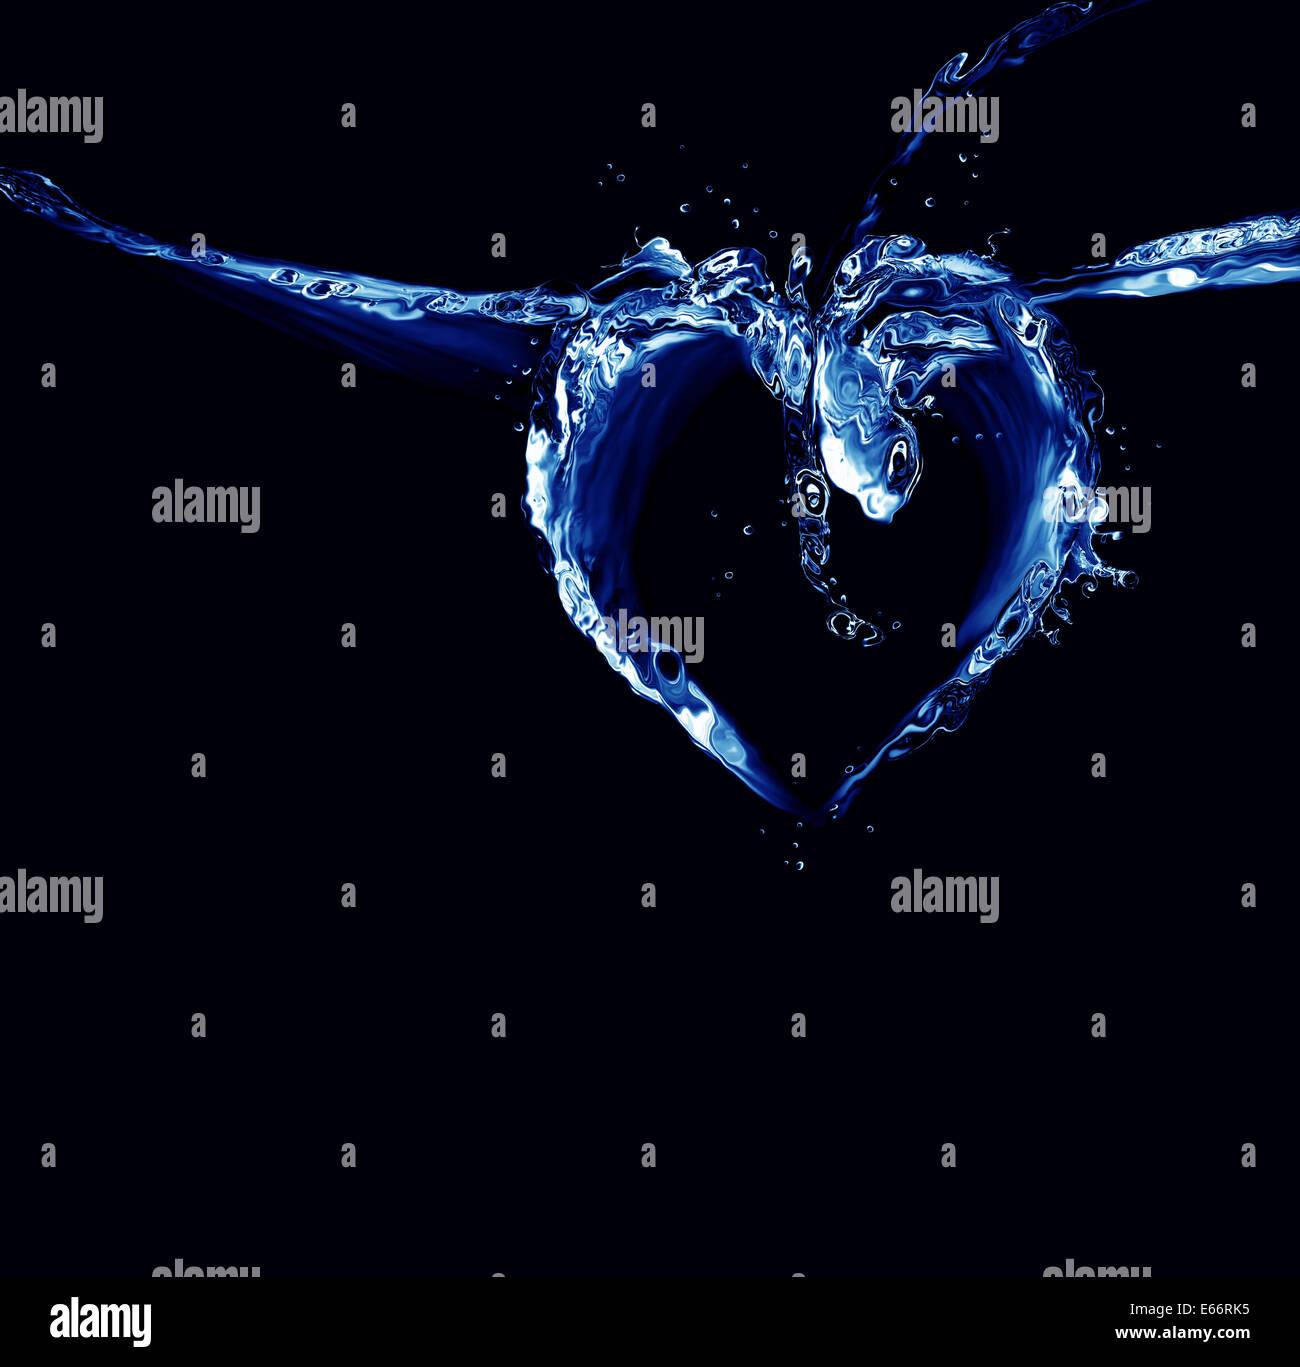 Un corazón de líquido azul sobre negro. Imagen De Stock